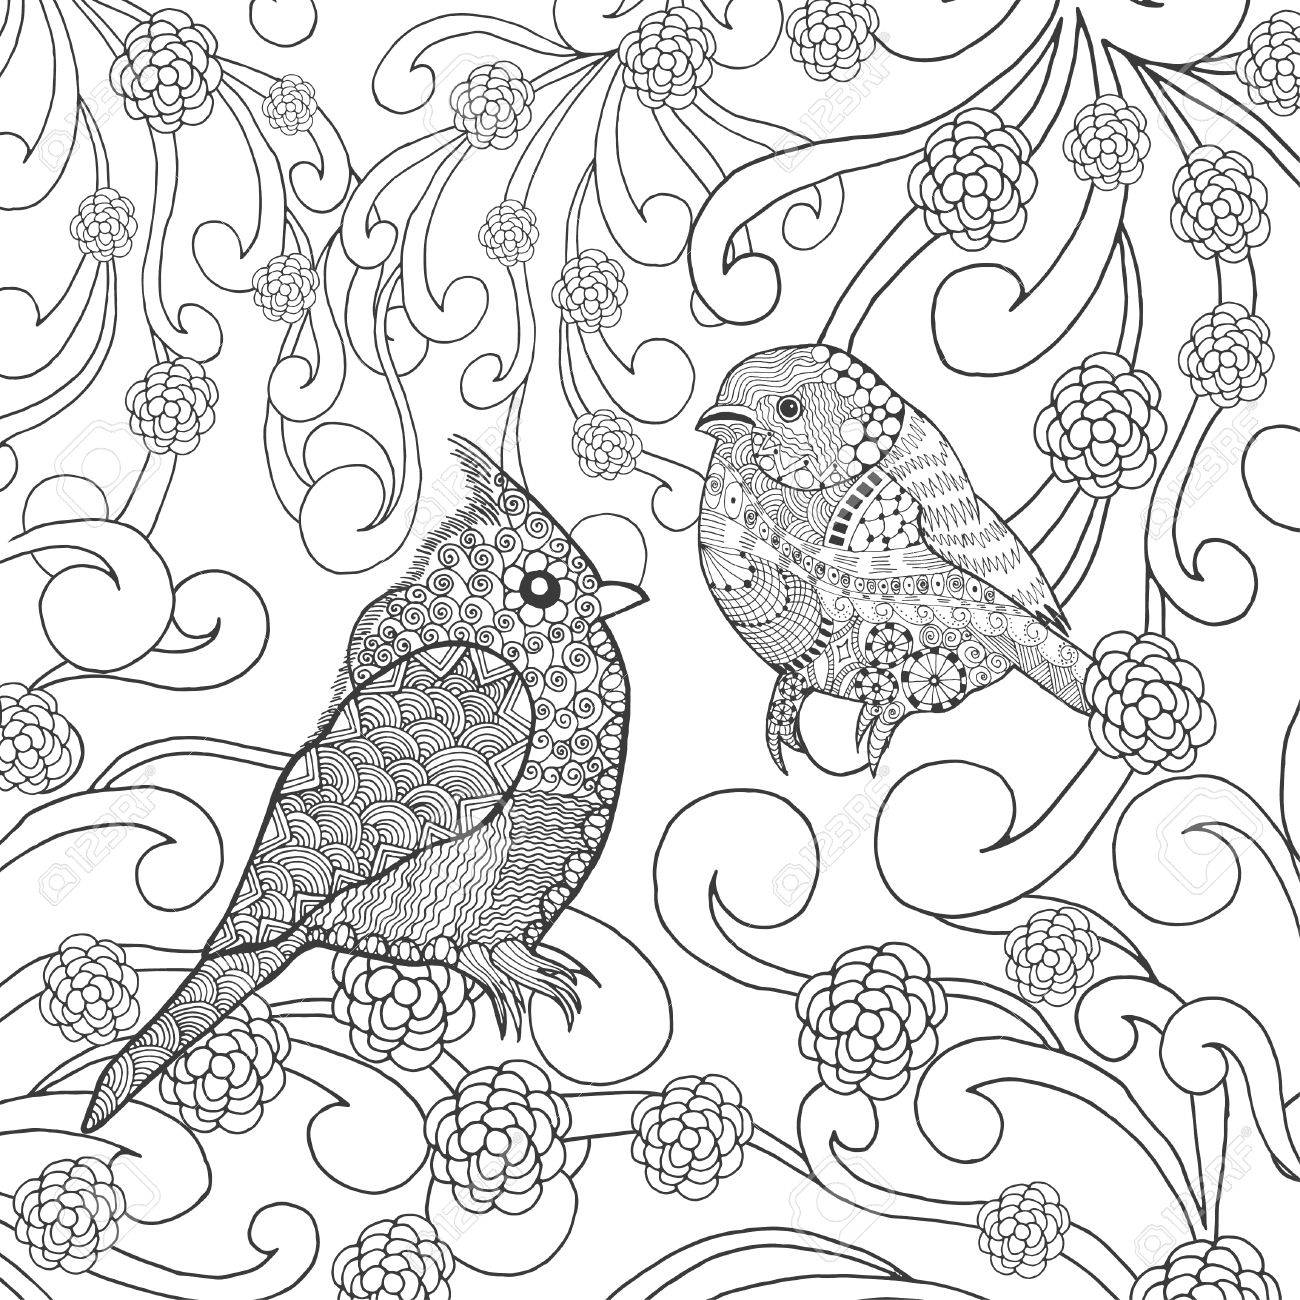 Coloriage Animaux Oiseaux.Oiseaux Coloriage Animaux Tire Par La Main Doodle Ethnique